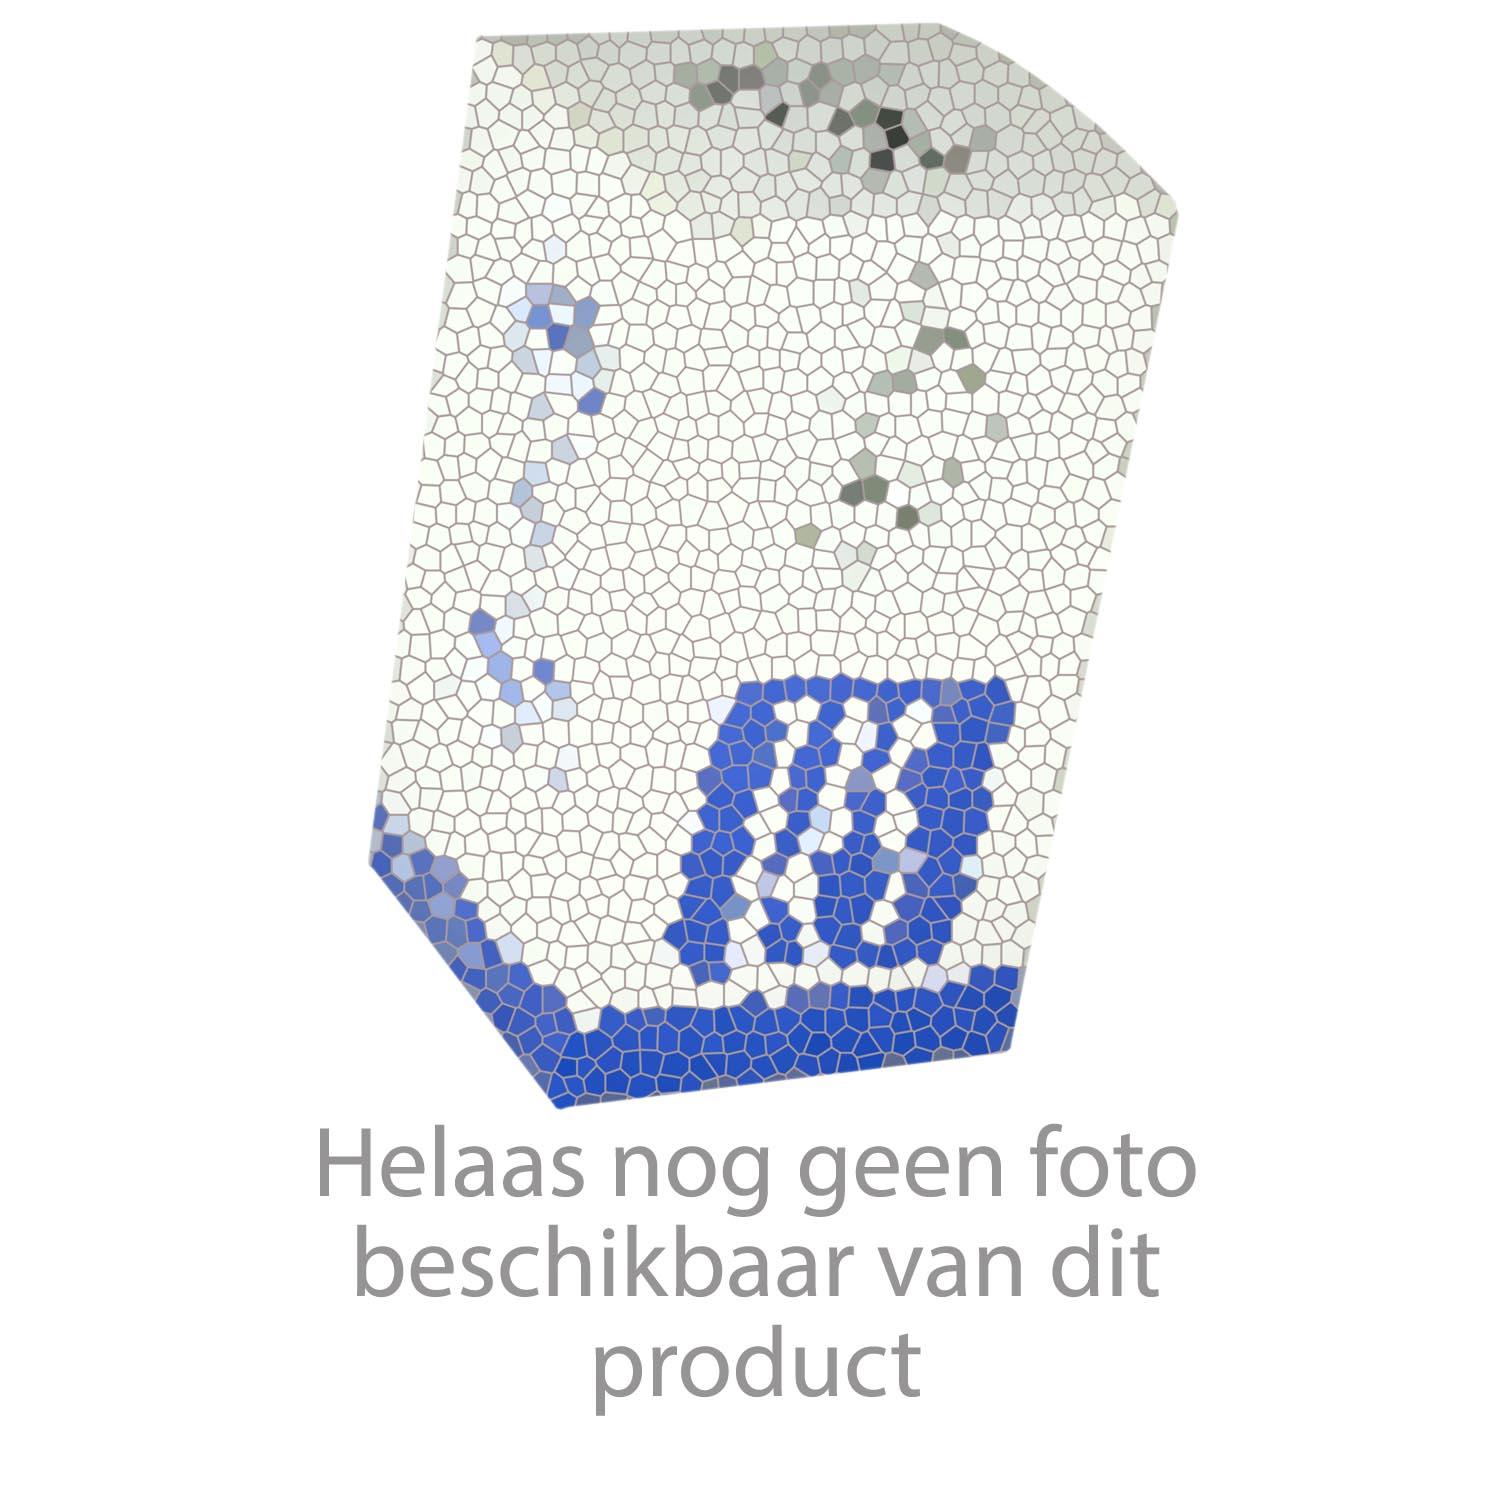 HansGrohe Afvoer- en overloopgarnituren Bekersifons productiejaar > 03/04 52105000 onderdelen